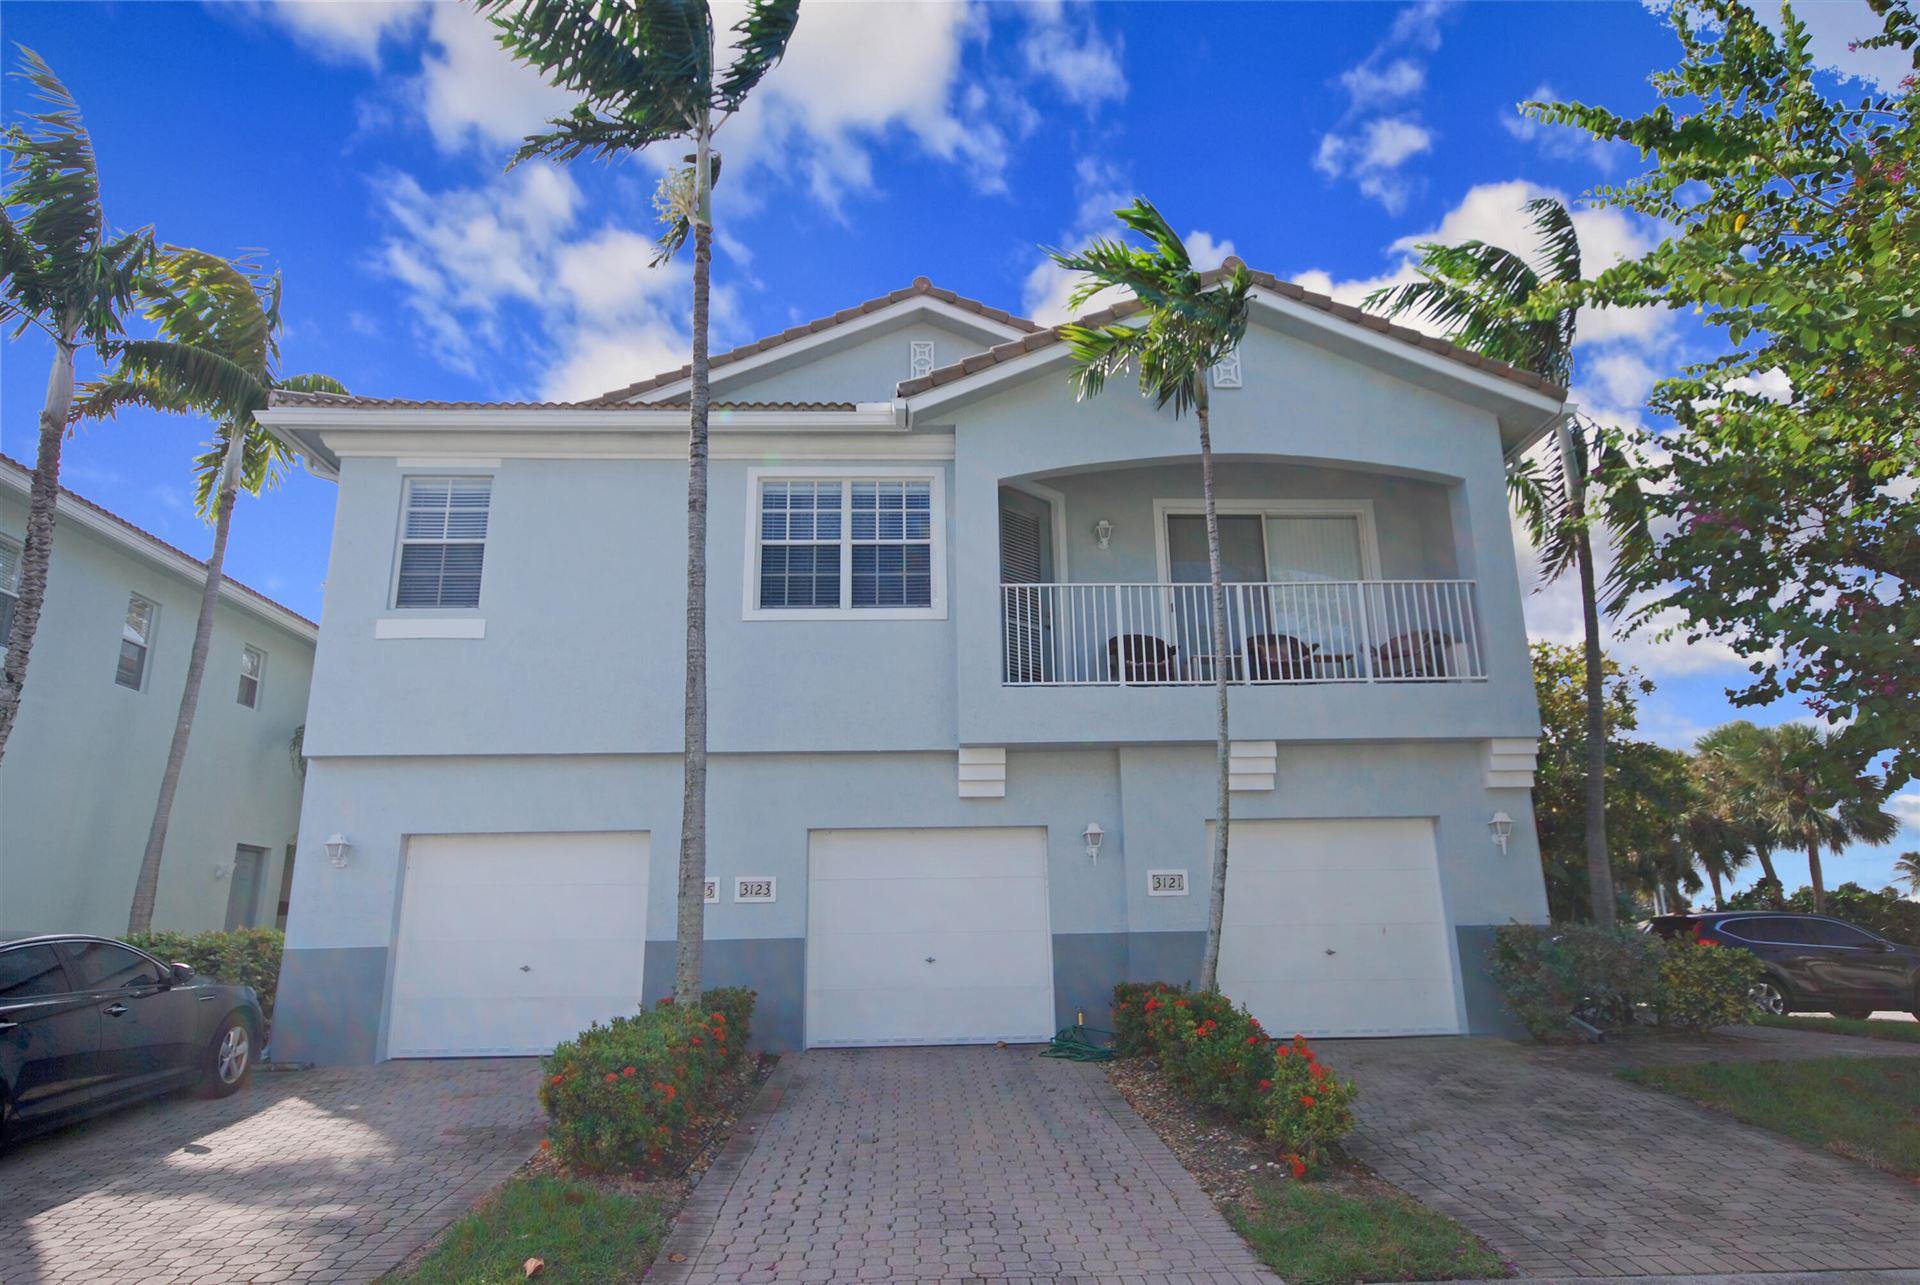 3123 Laurel Ridge Circle, Riviera Beach, FL 33404 - MLS#: RX-10750979